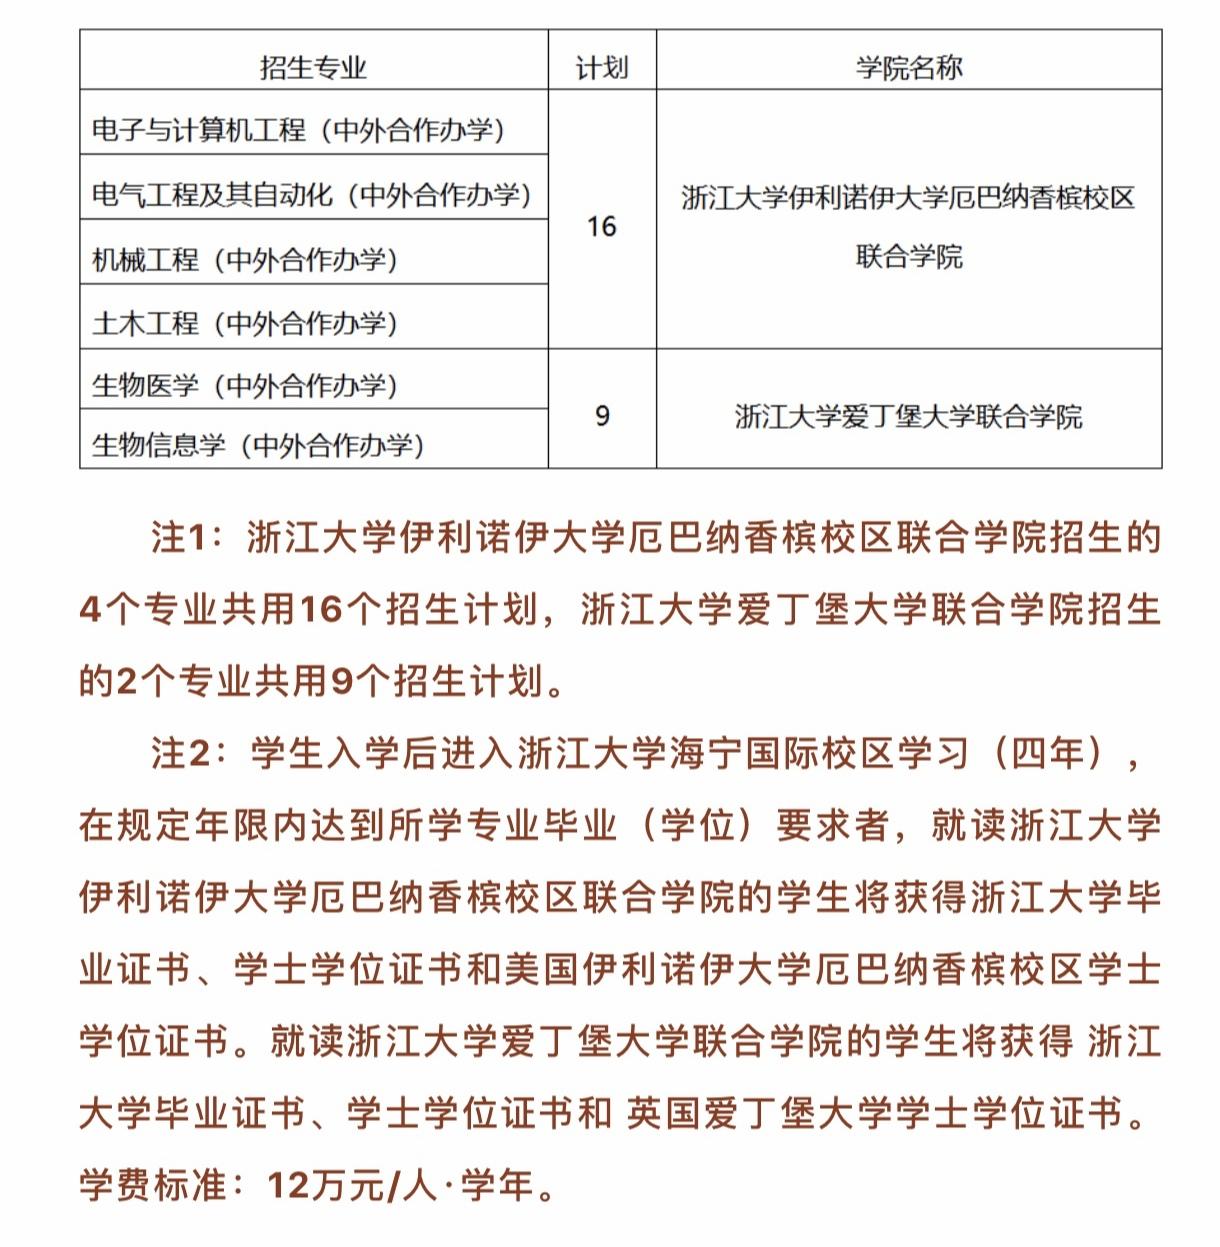 浙大山东省内综招简章出炉 今年招25人考体测